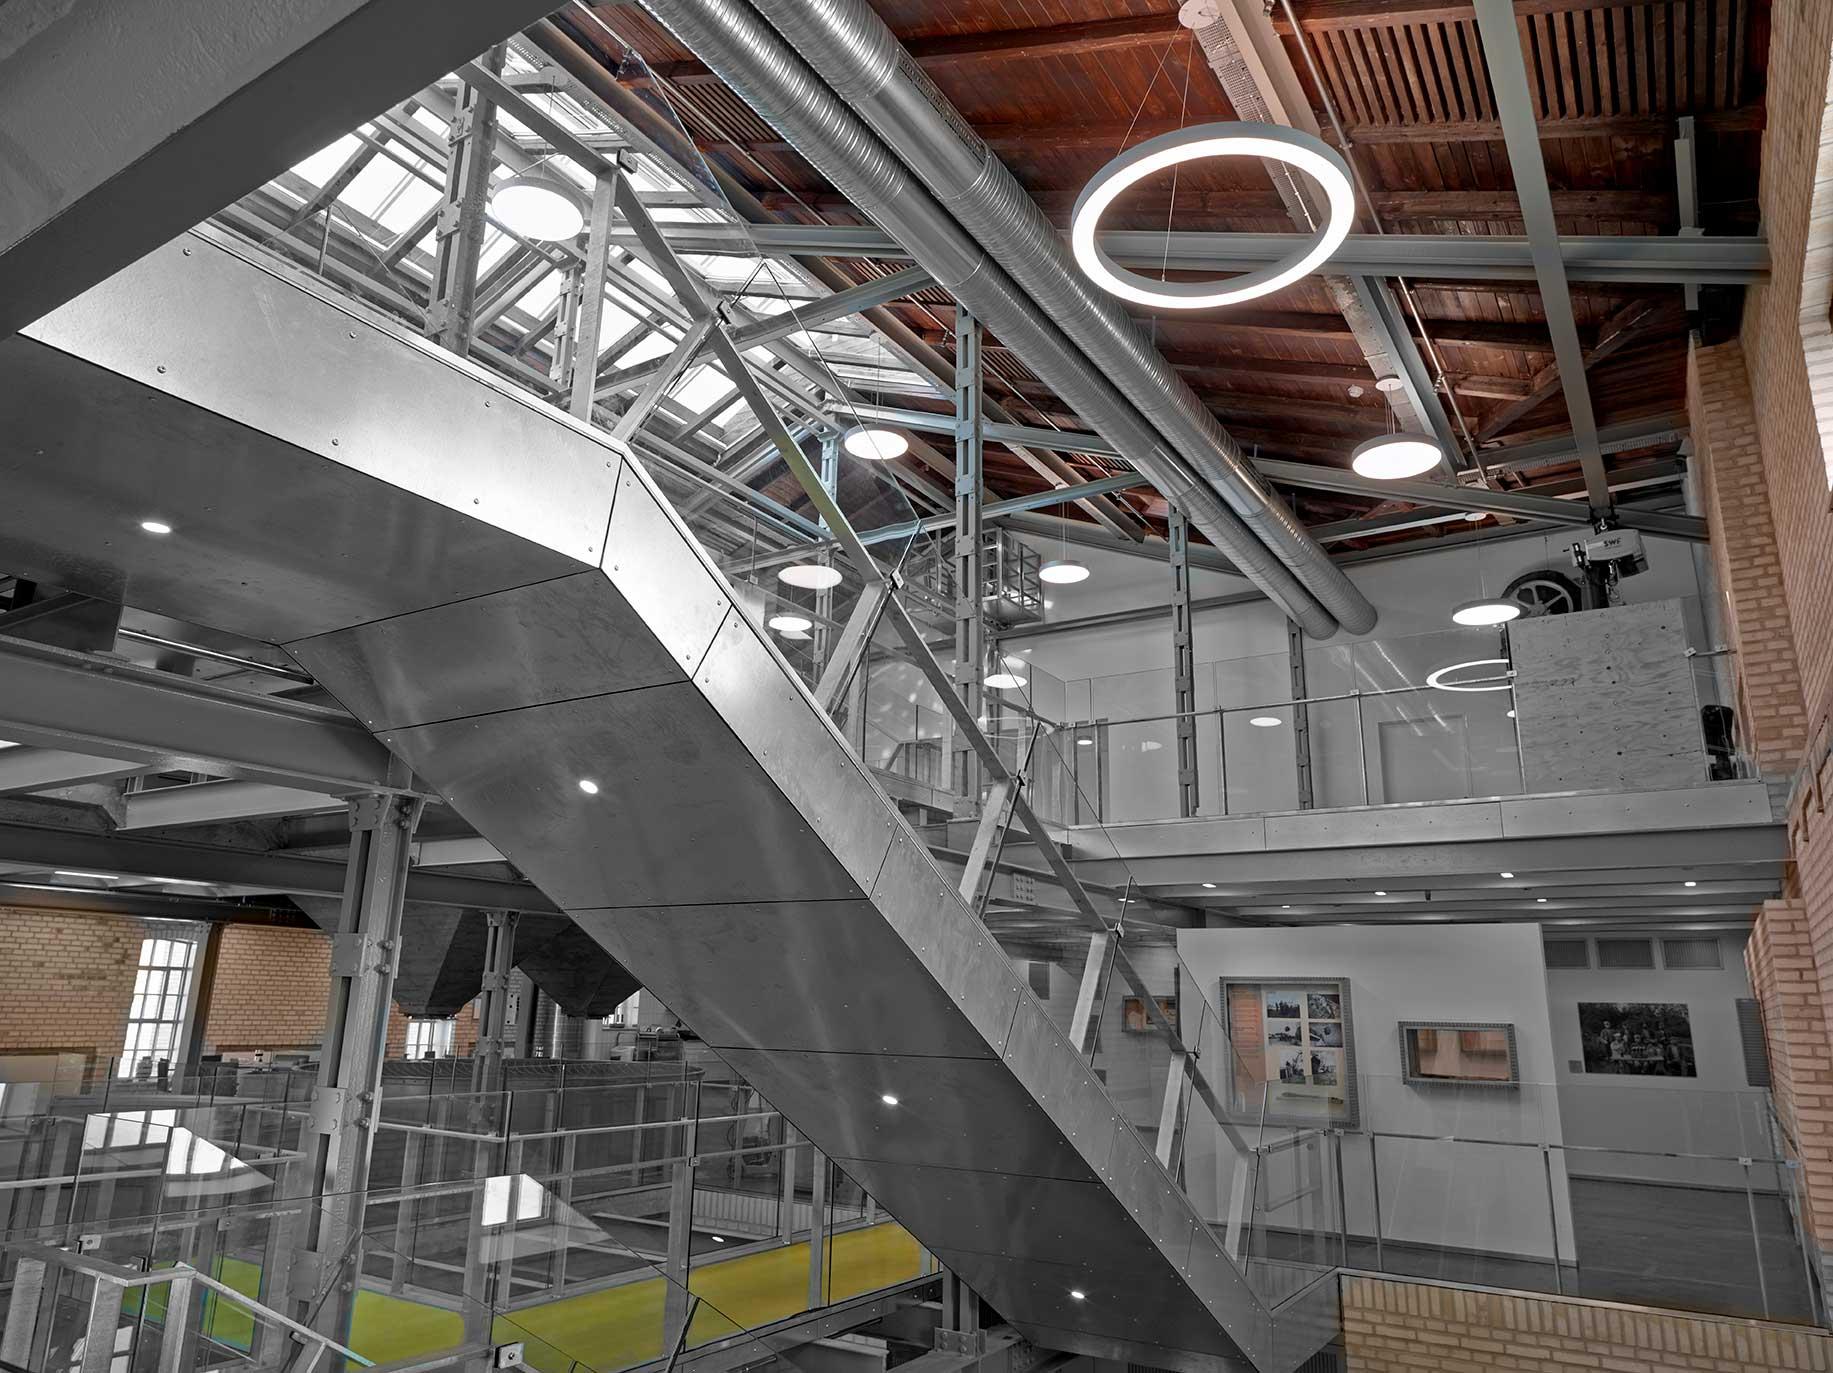 Ringo star nedhængt fra loft, Basic nedhængt fra loft i åbent kontormiljø med downlight monteret under trappe. - Luminex